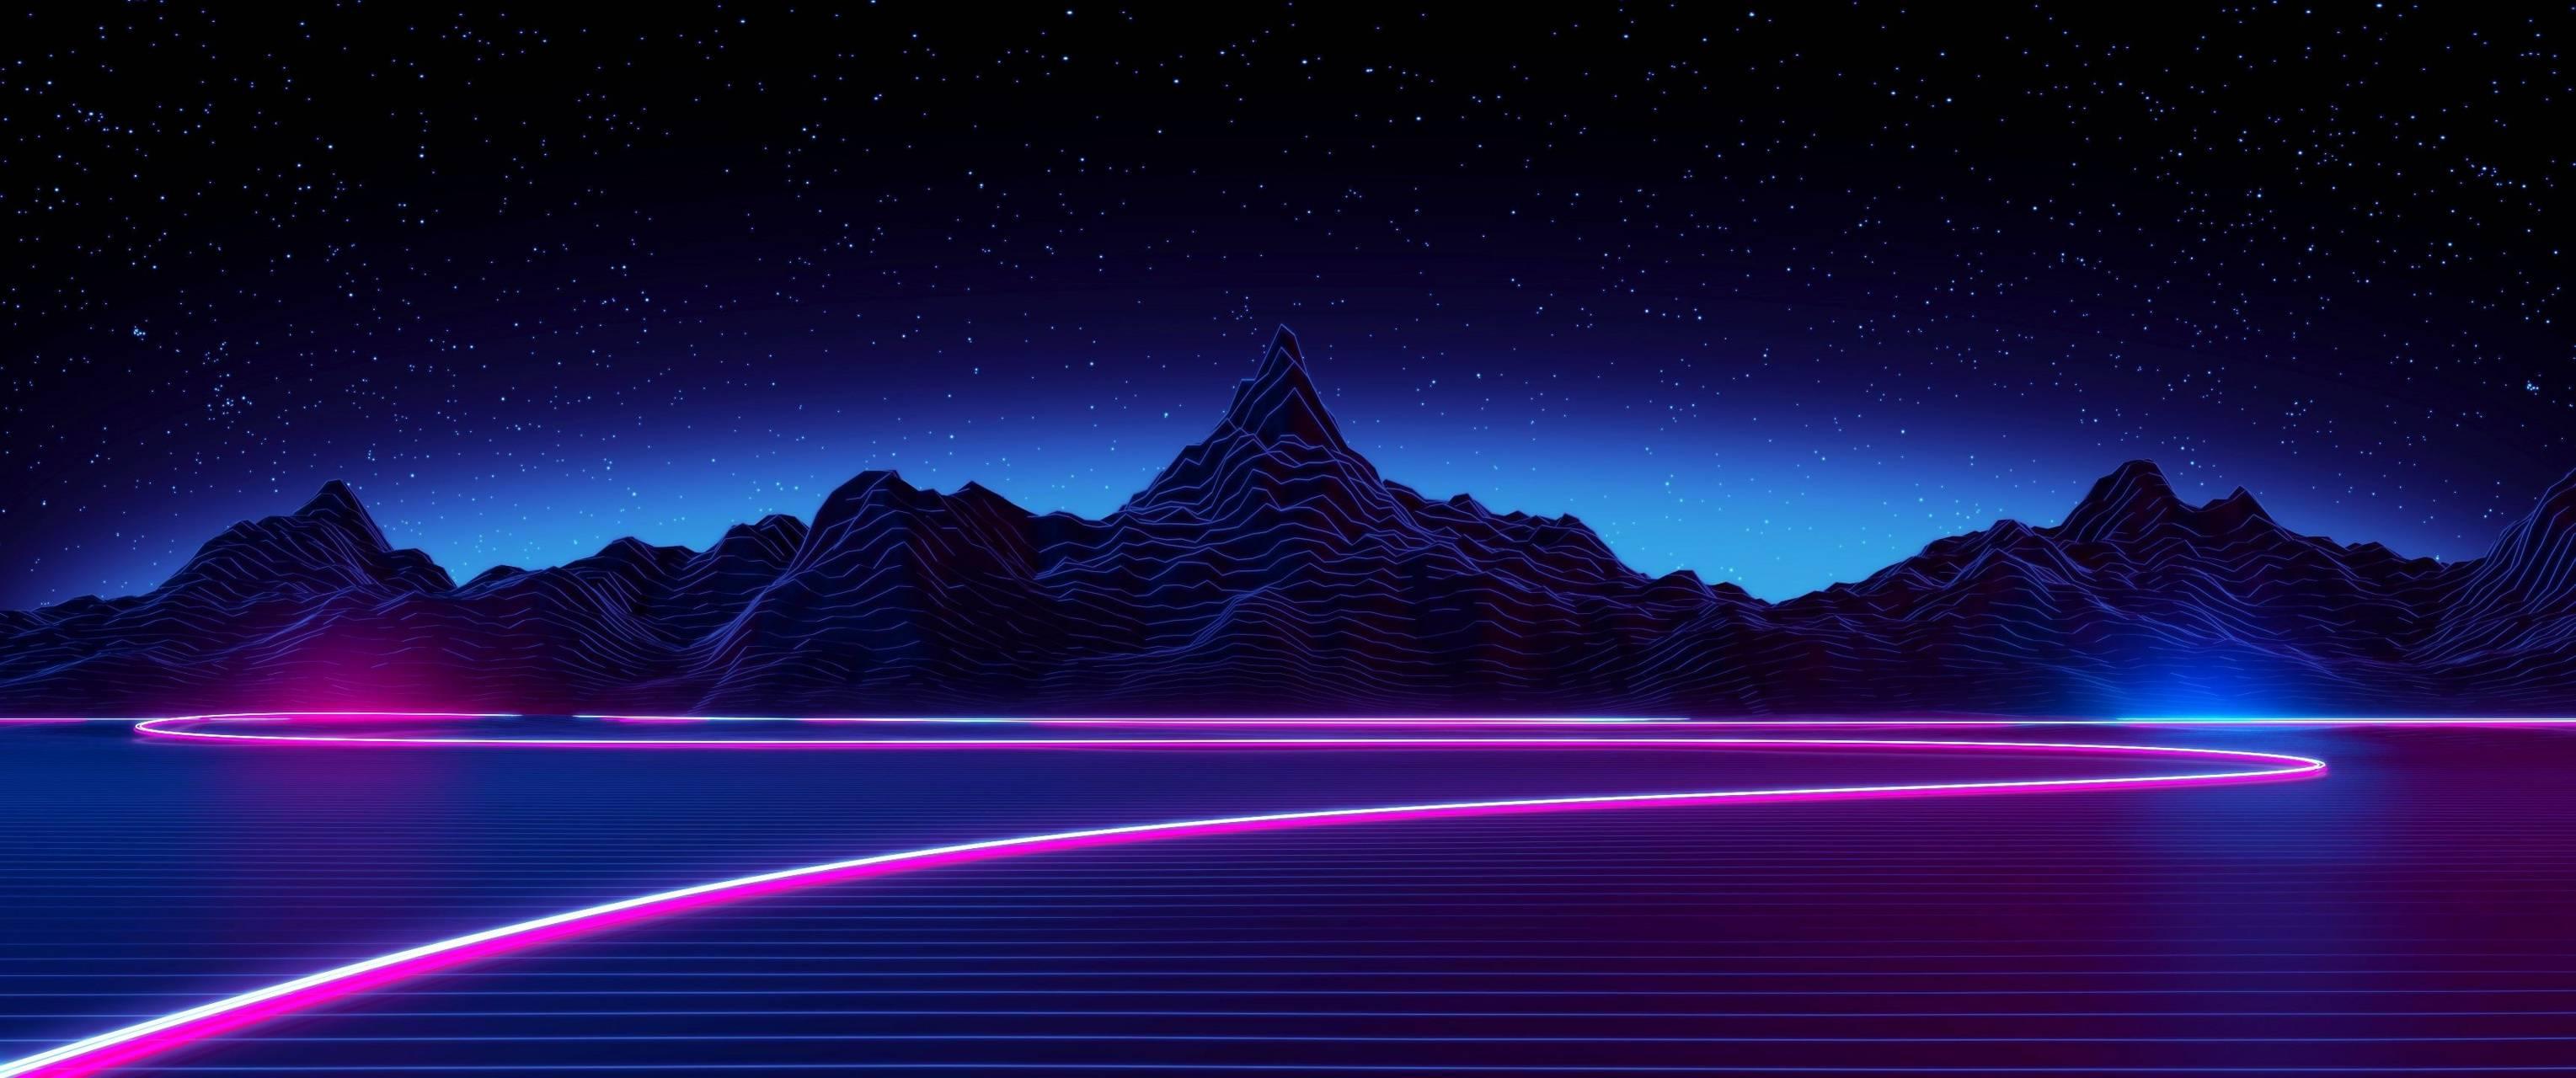 Neon Hills